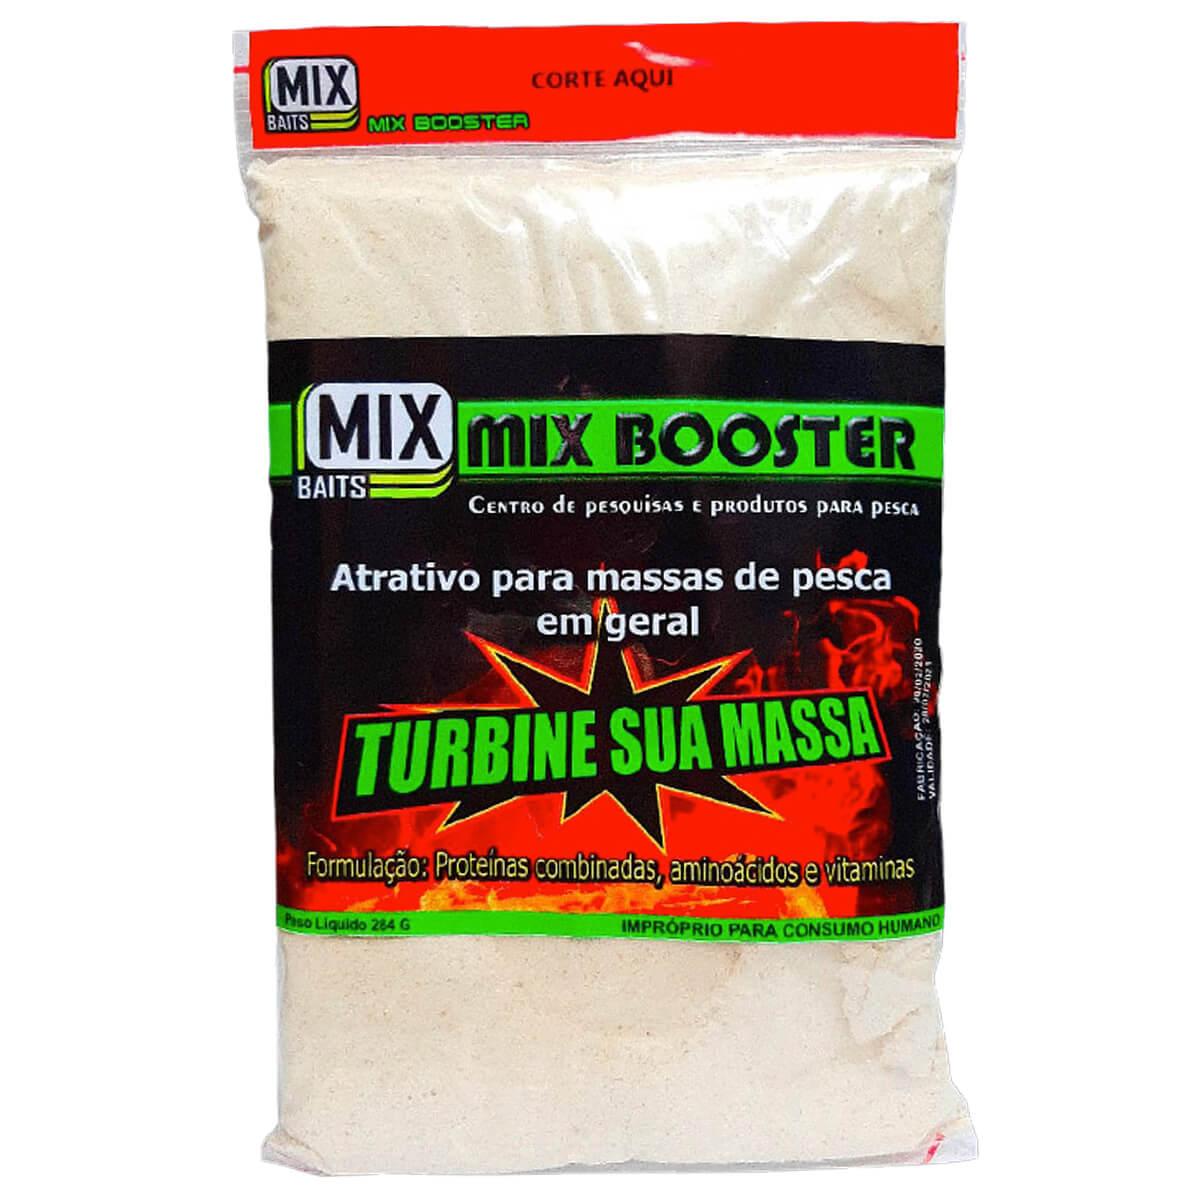 ATRATIVO MIX BAITS MIX BOOSTER PARA MASSAS EM GERAL - 284G